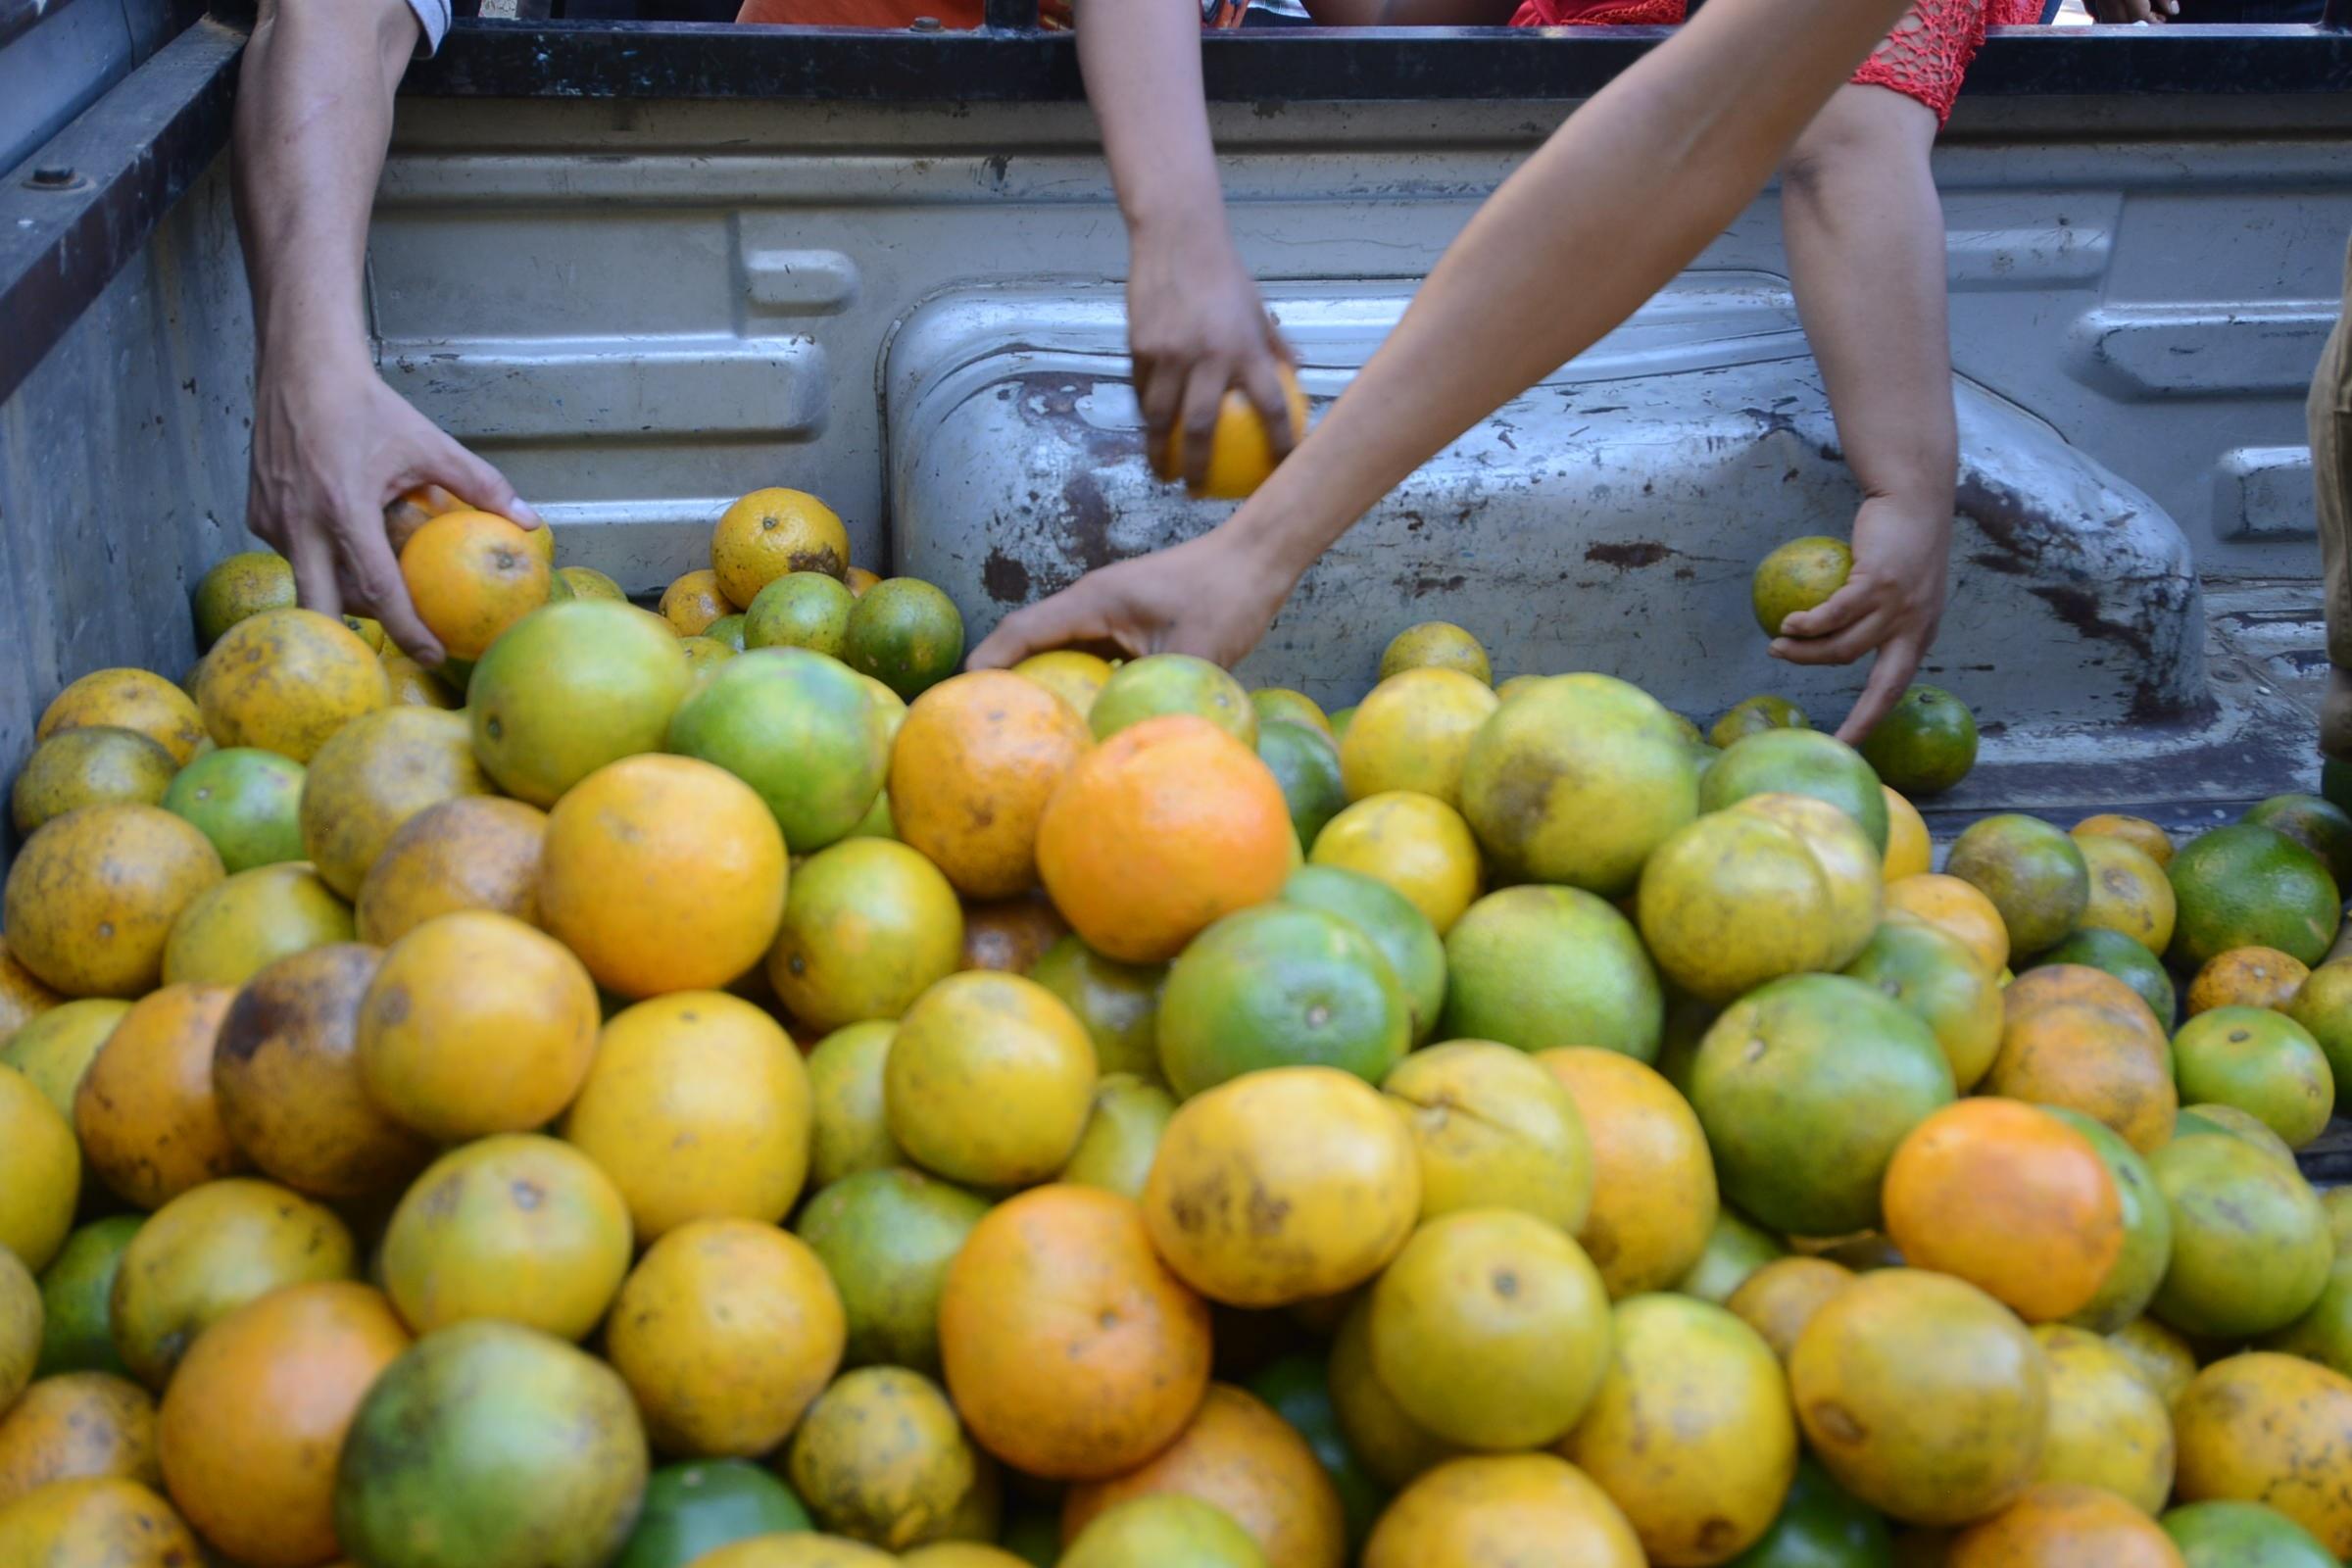 Afecta mosca de la fruta 200 mil hectáreas de cítricos en la zona norte: CNC